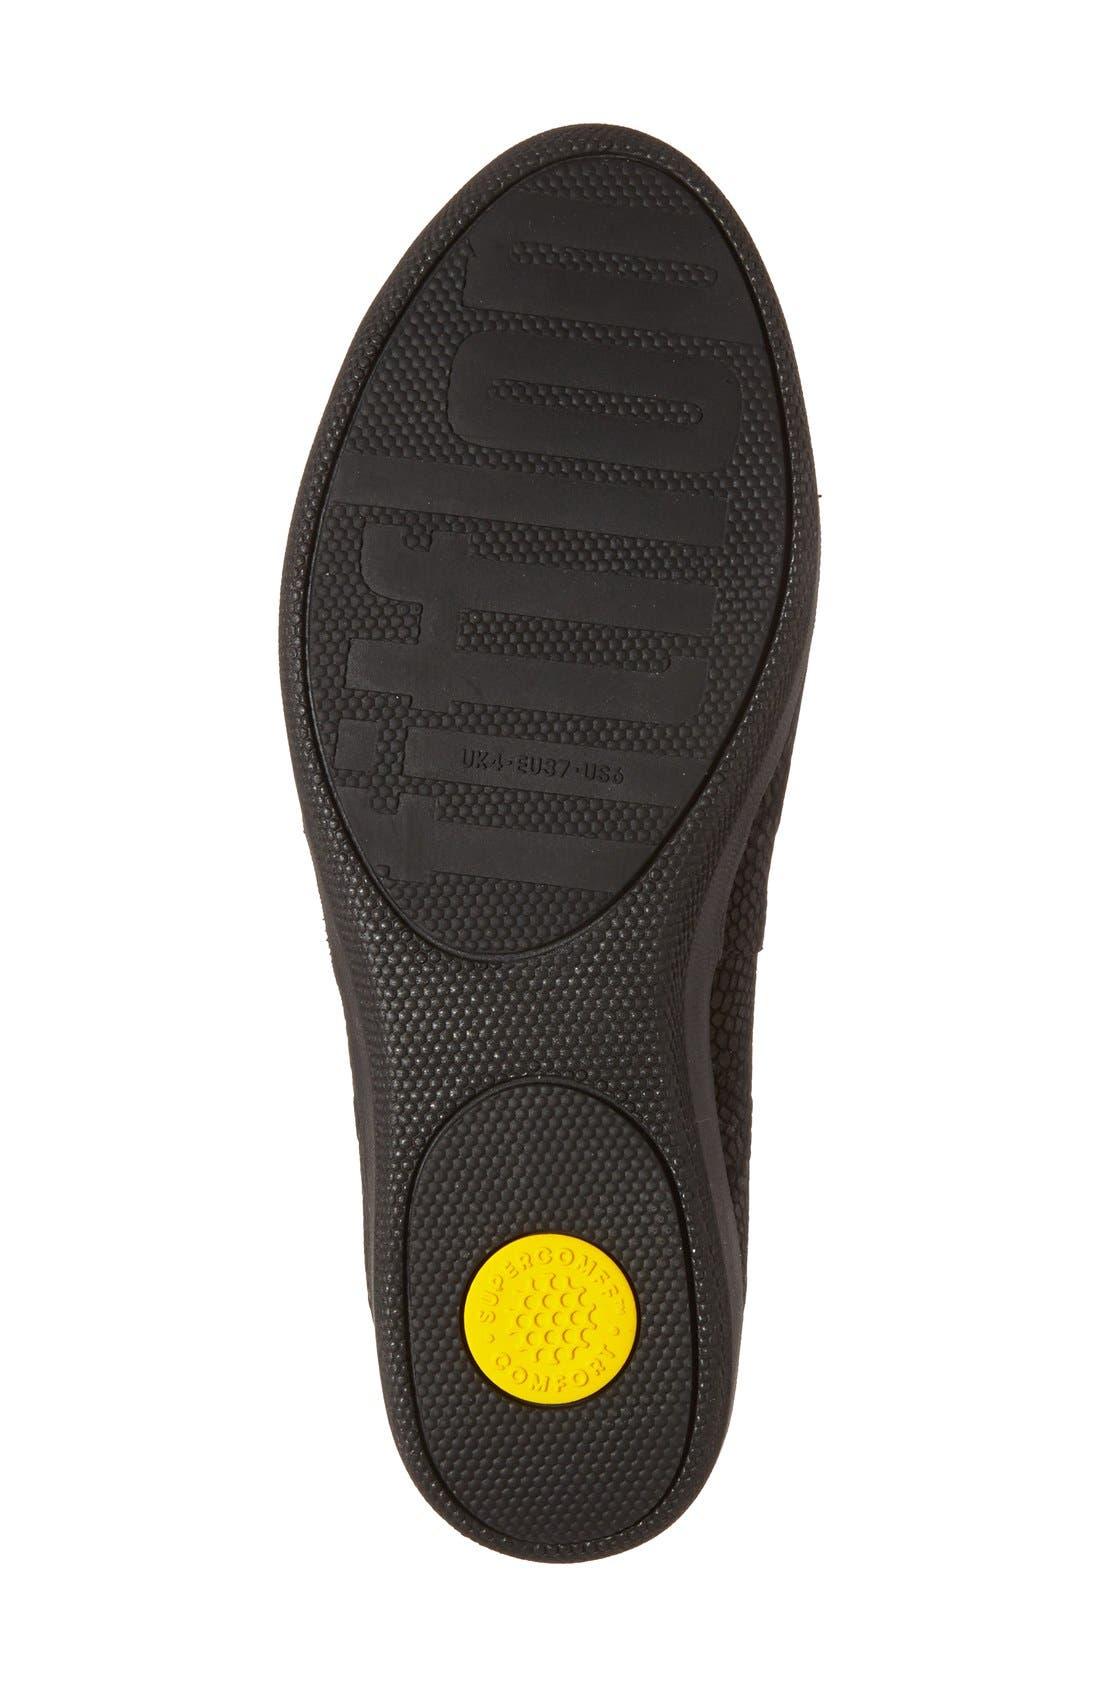 Superskate Slip-On Sneaker,                             Alternate thumbnail 66, color,